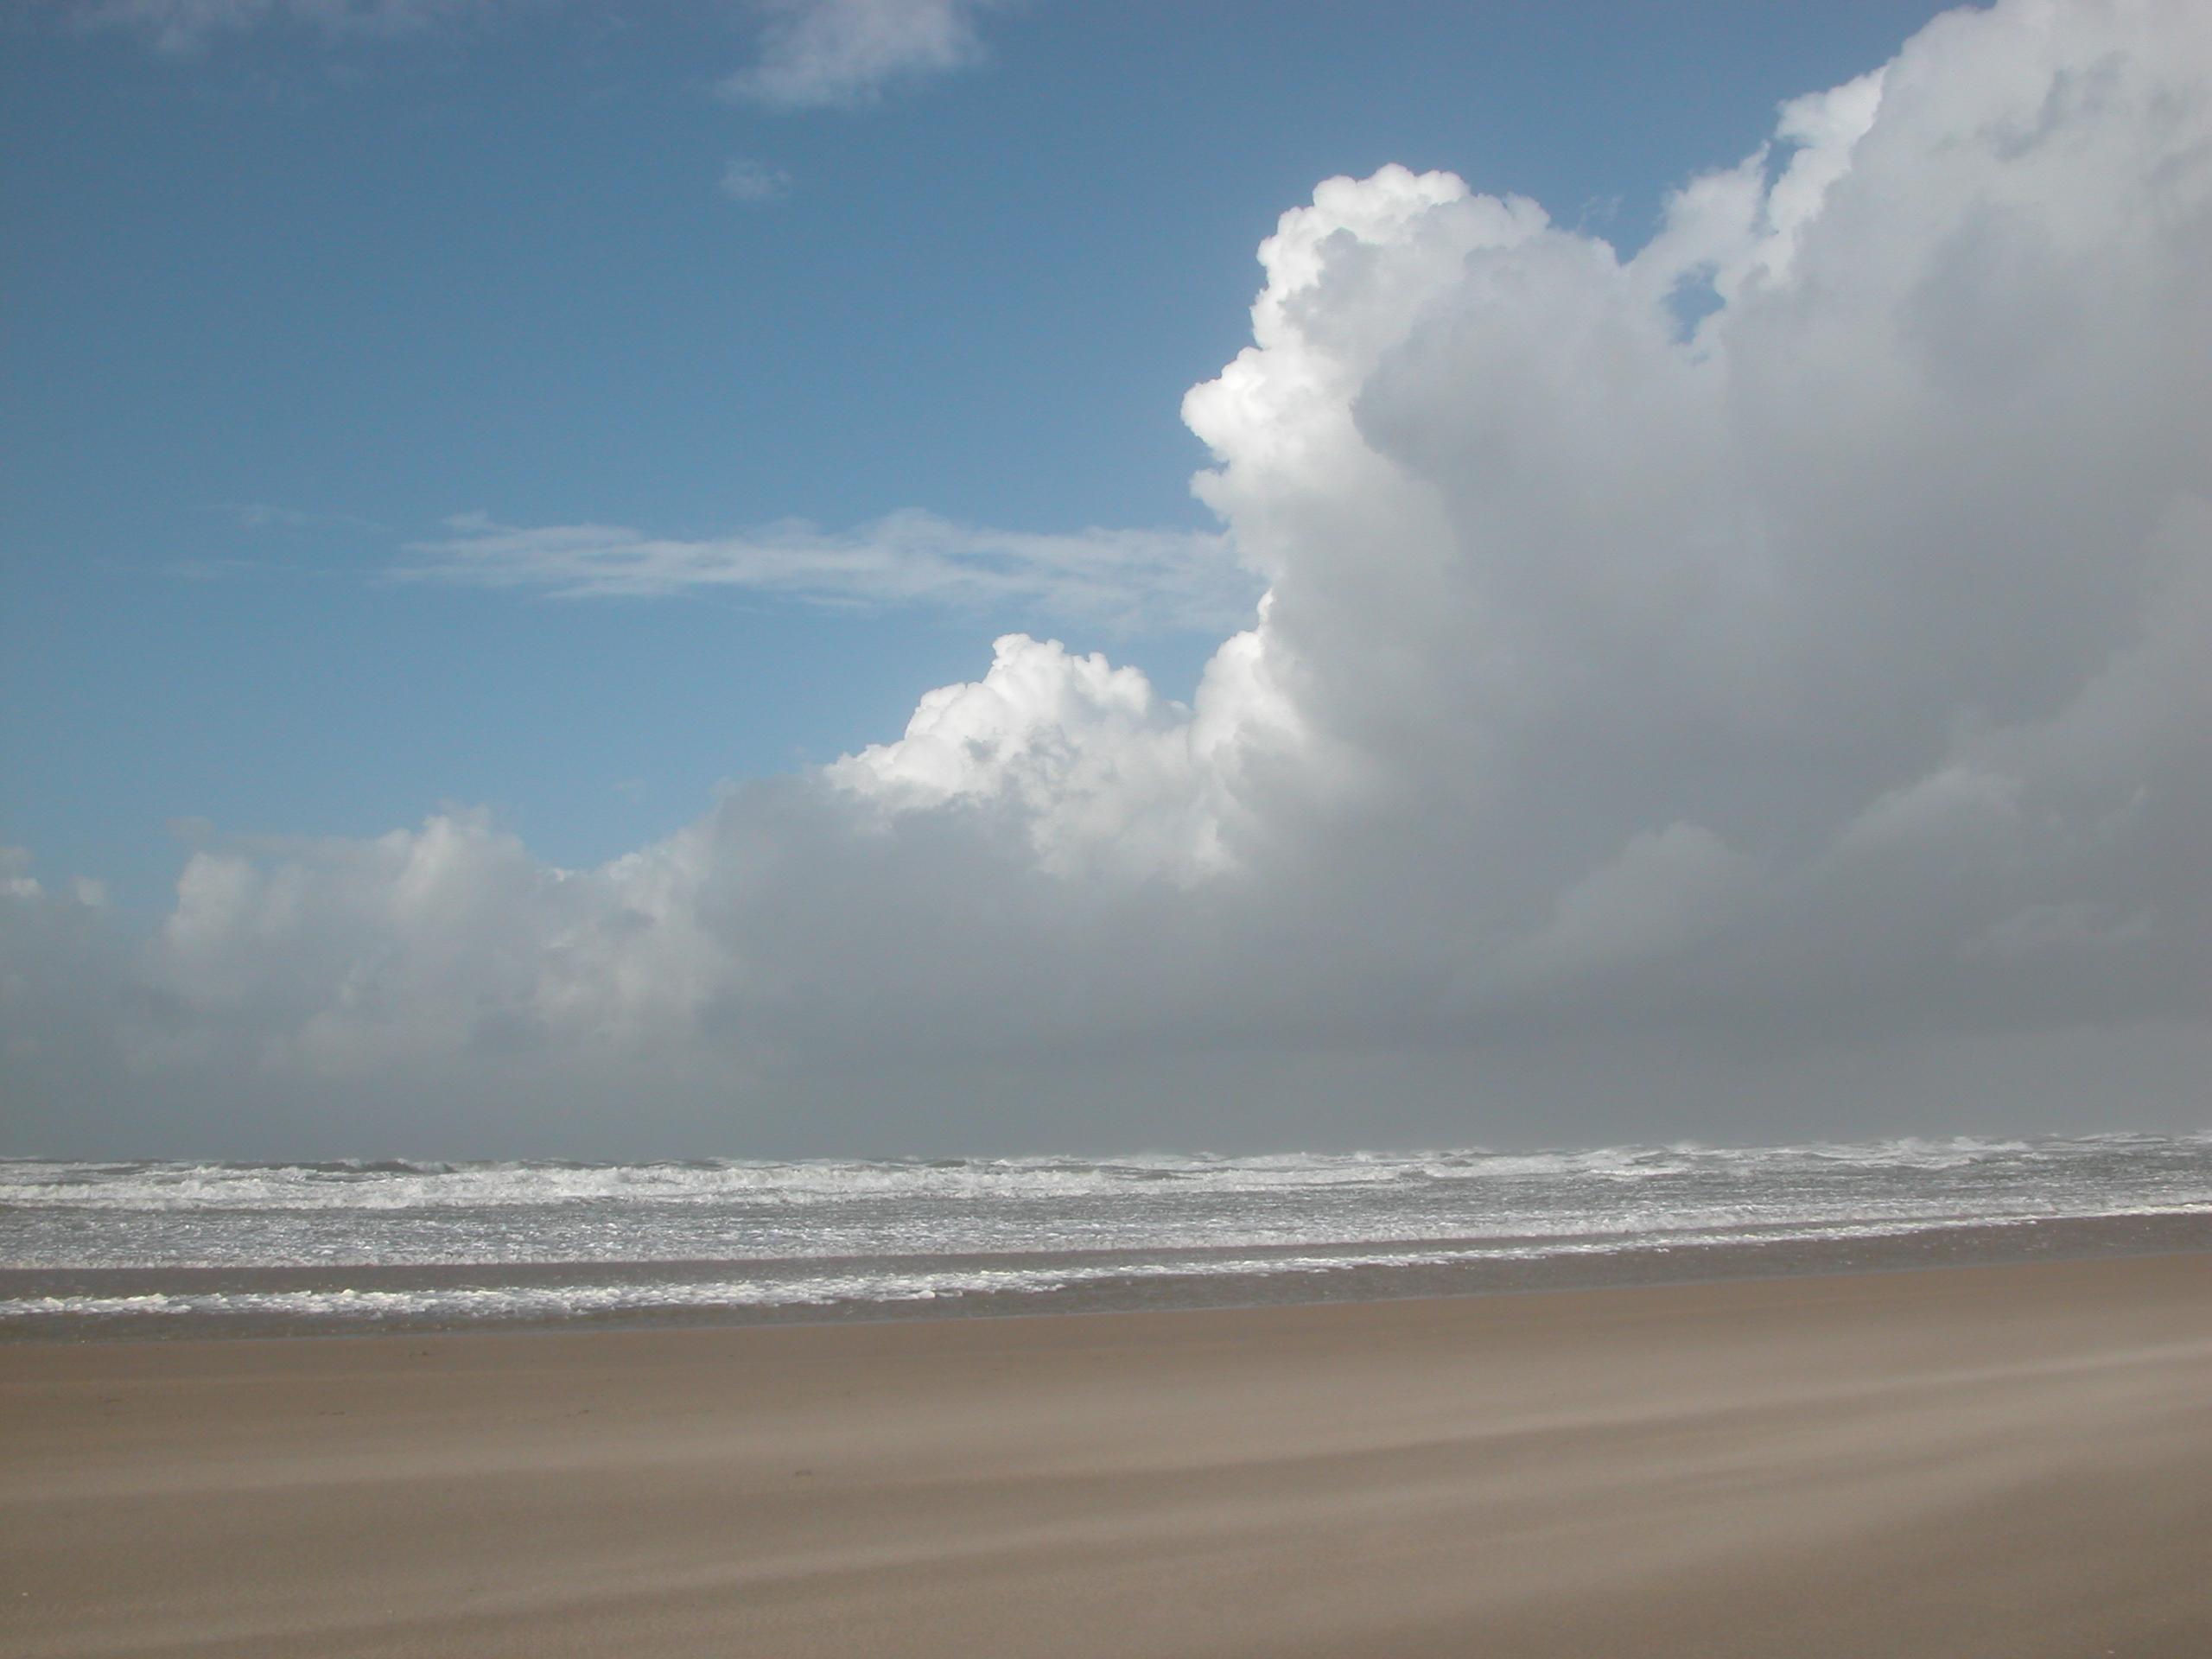 nature landscapes beachscapes beach cloud cloudscape clouds storm texel sea image